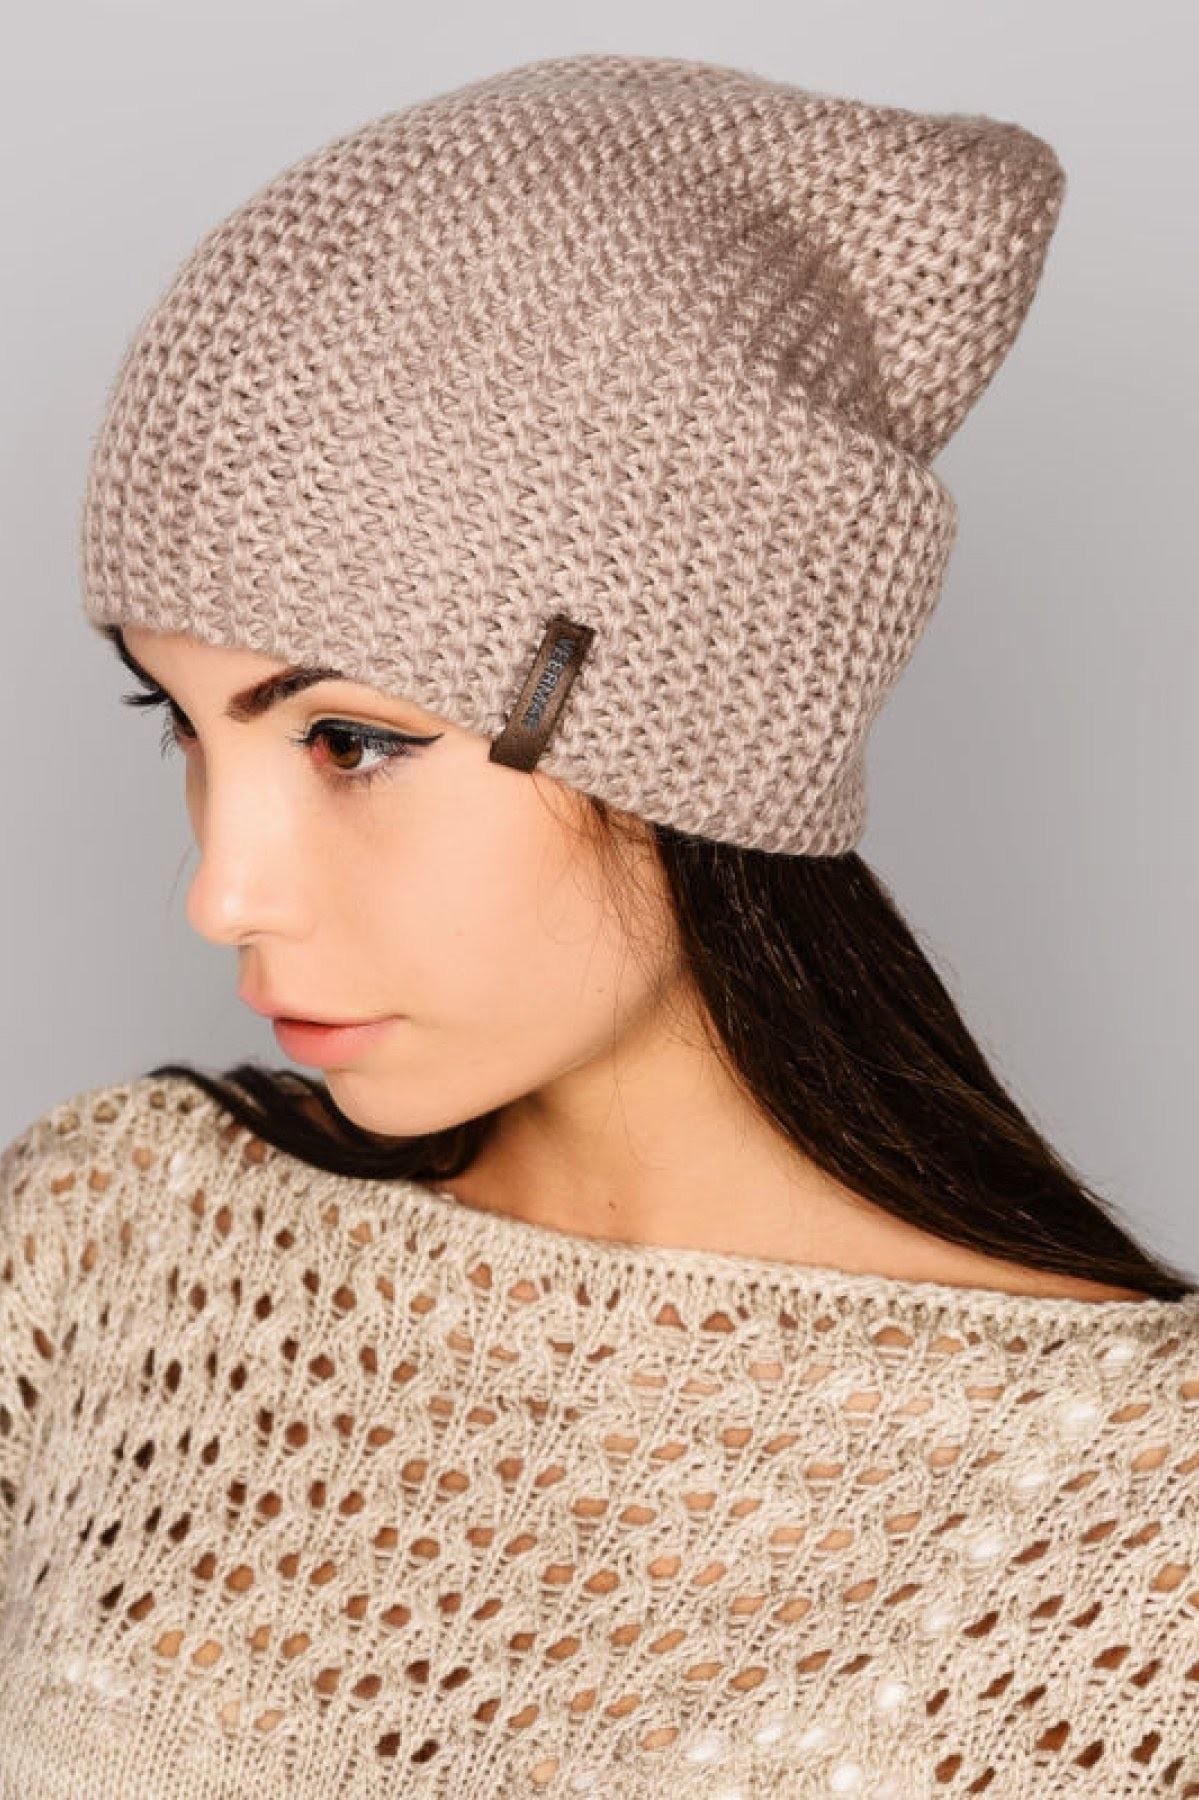 модные головные уборы 2018: шапка бини бежевая вязанная